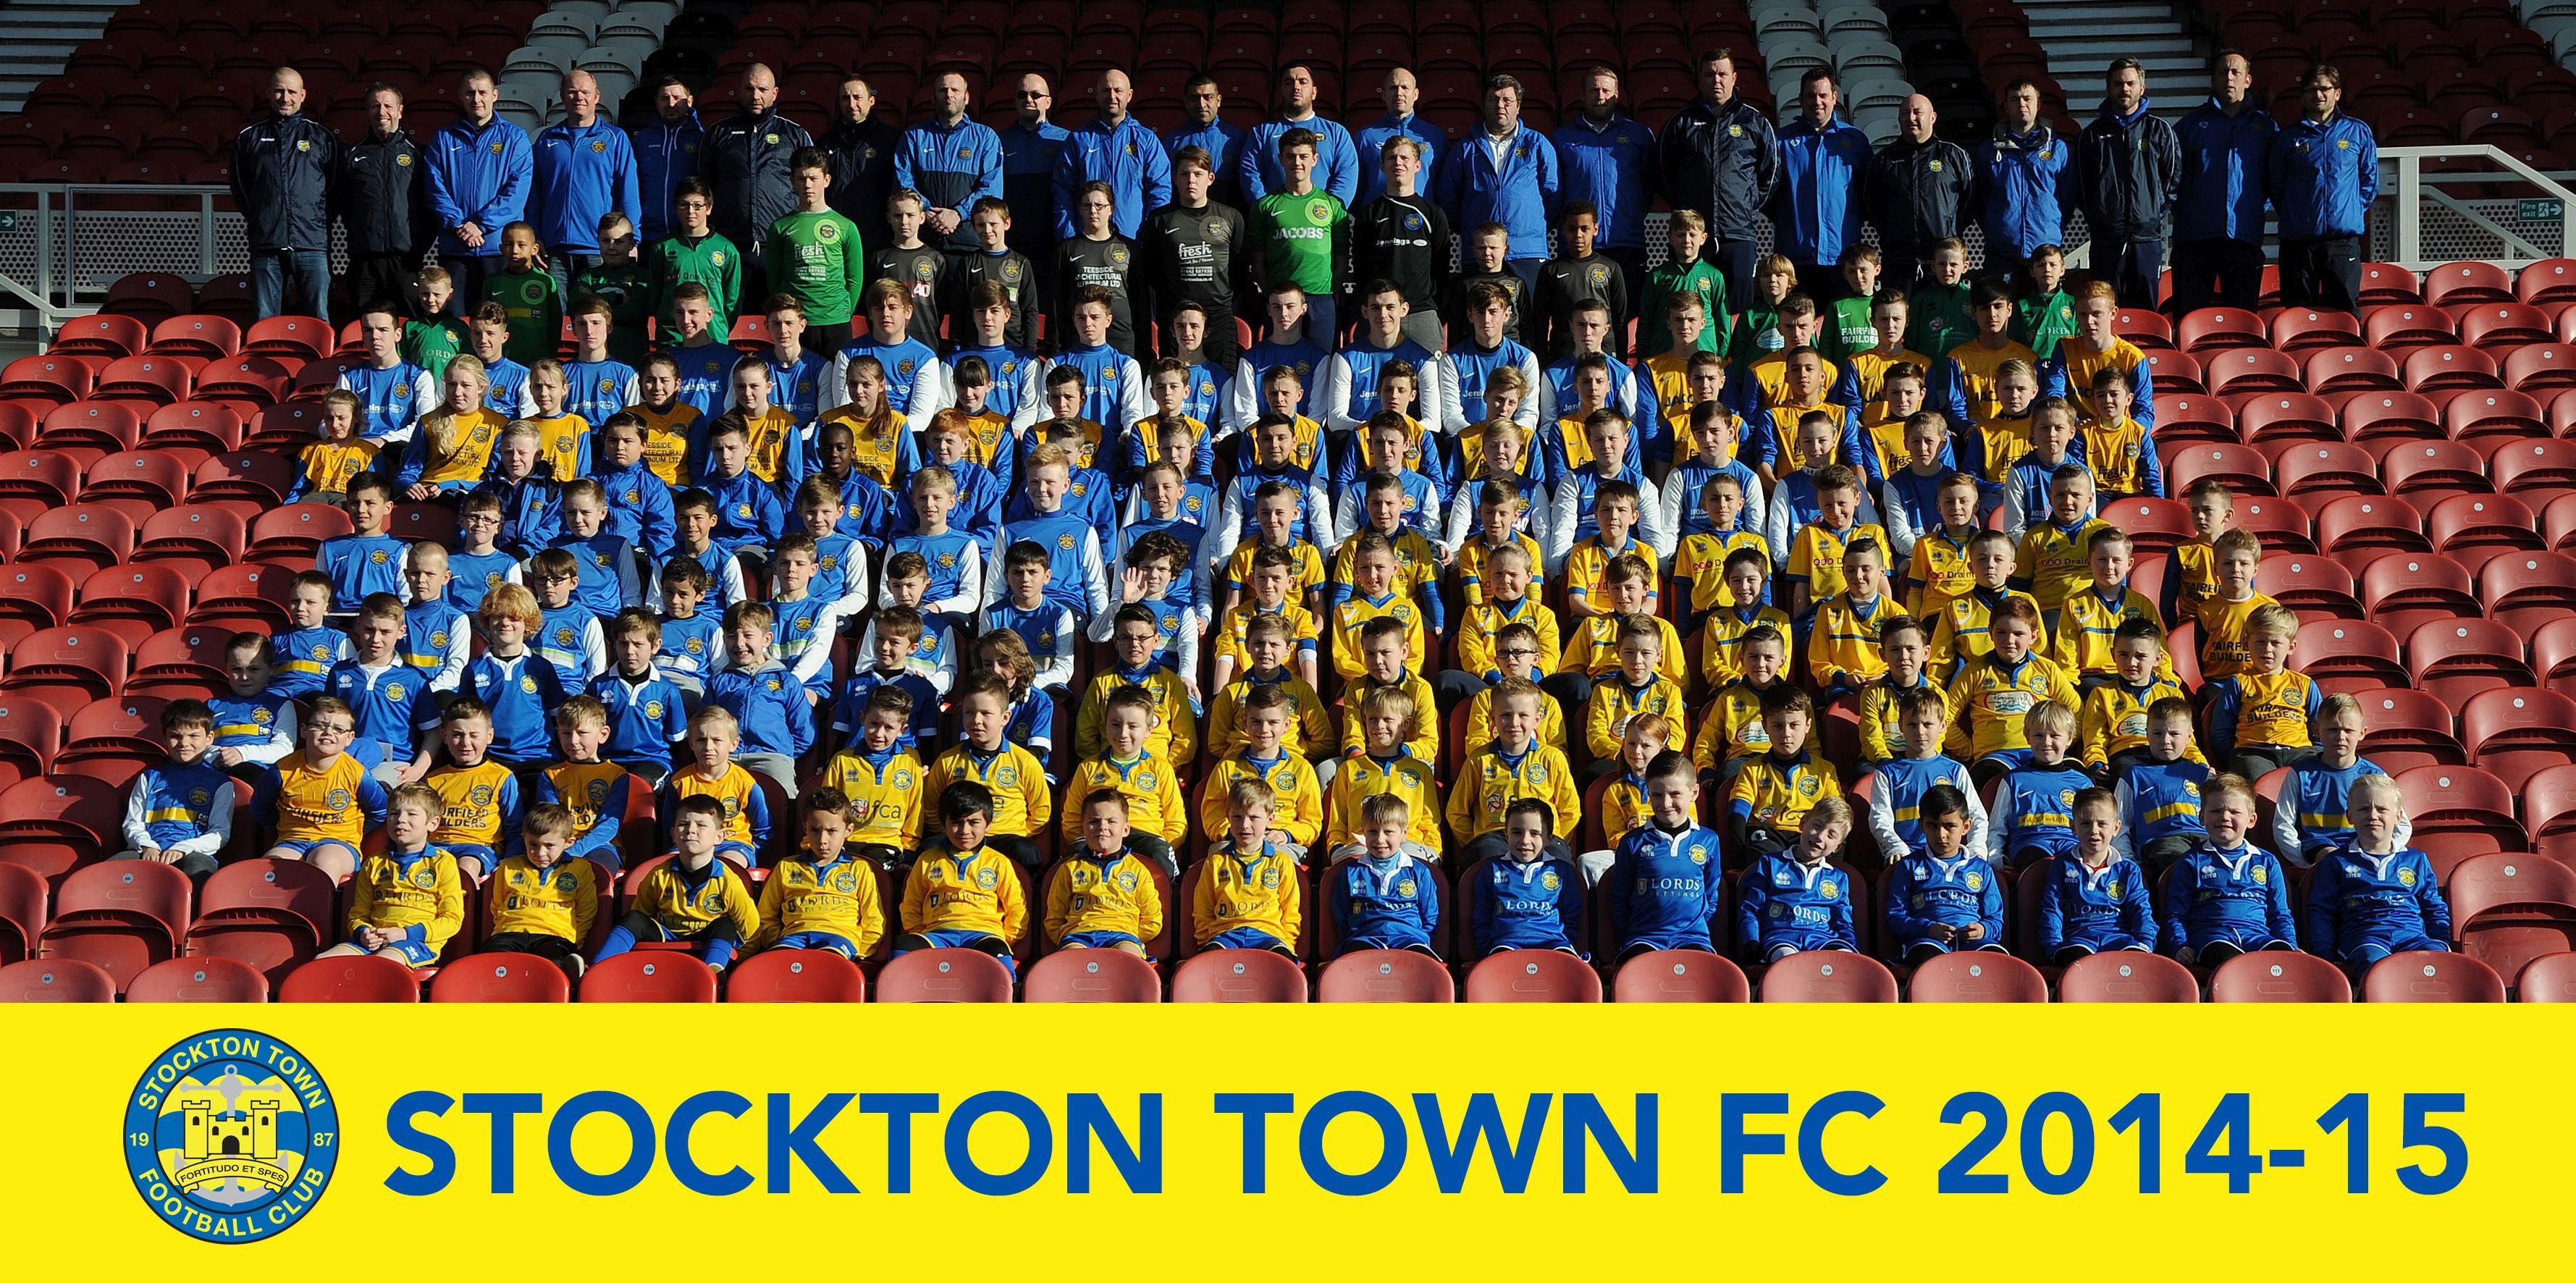 Stockton Town FC 2014-15